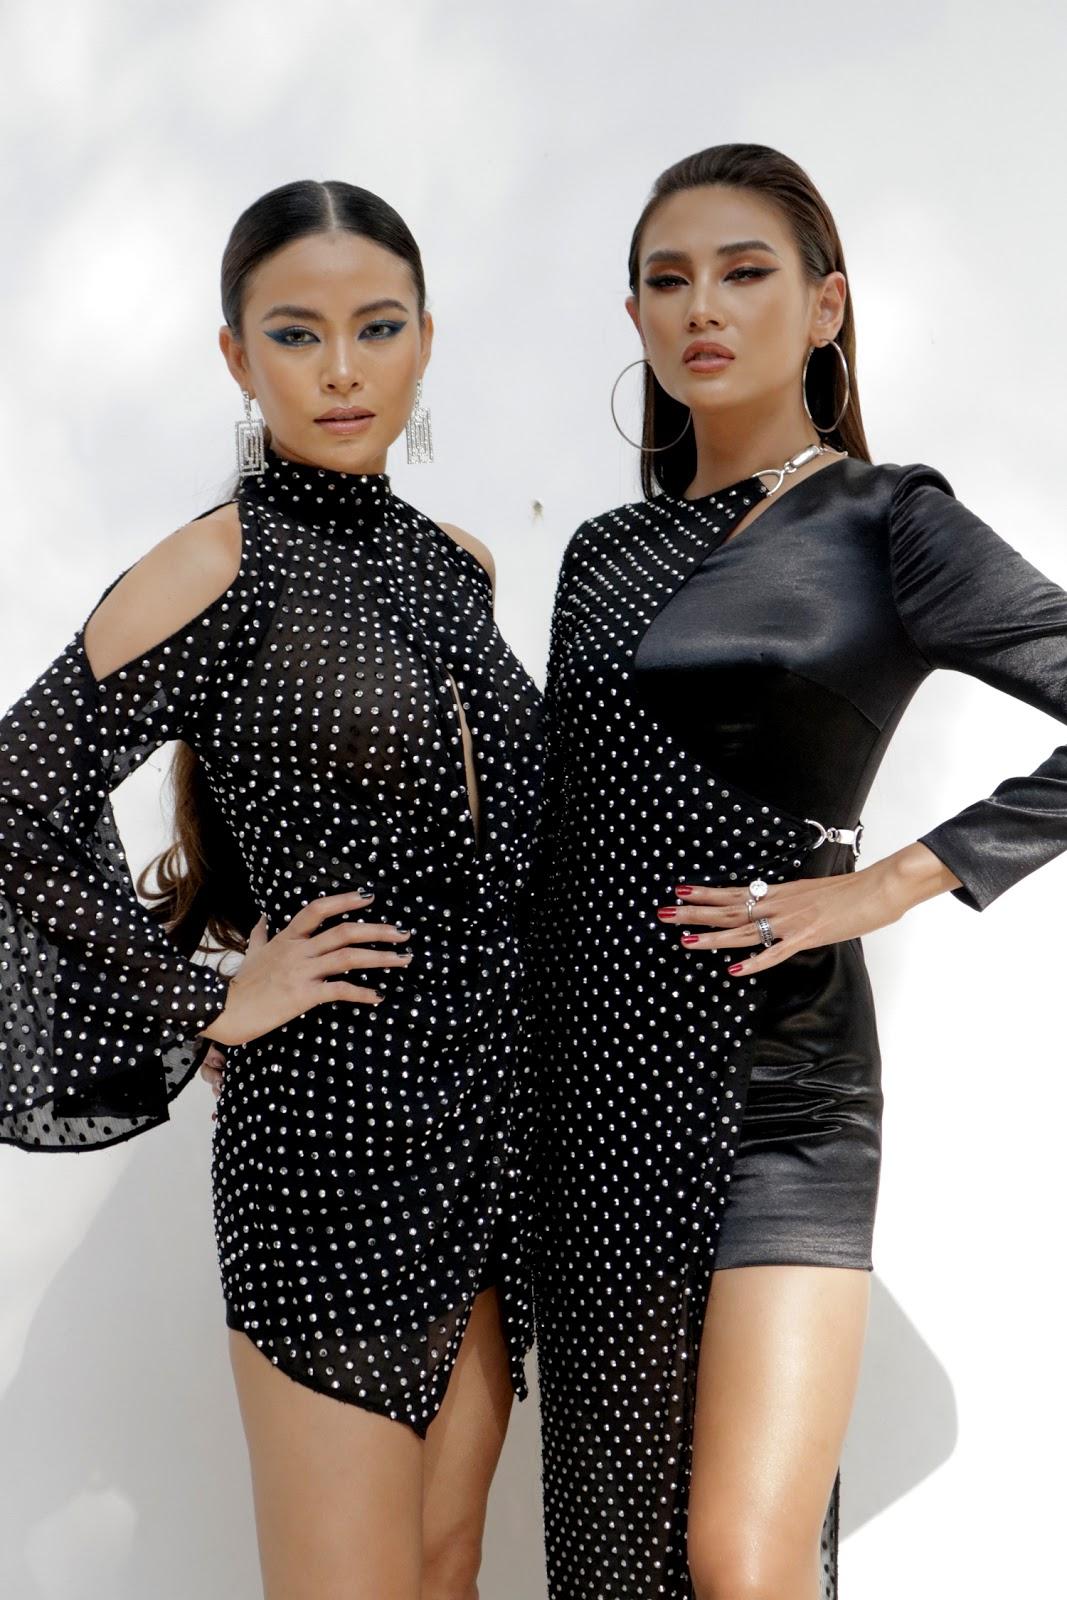 Nam Trung 'chặt đẹp' Võ Hoàng Yến và Mâu Thuỷ khi xuất hiện tại buổi casting VNTM2019 - Hình 7